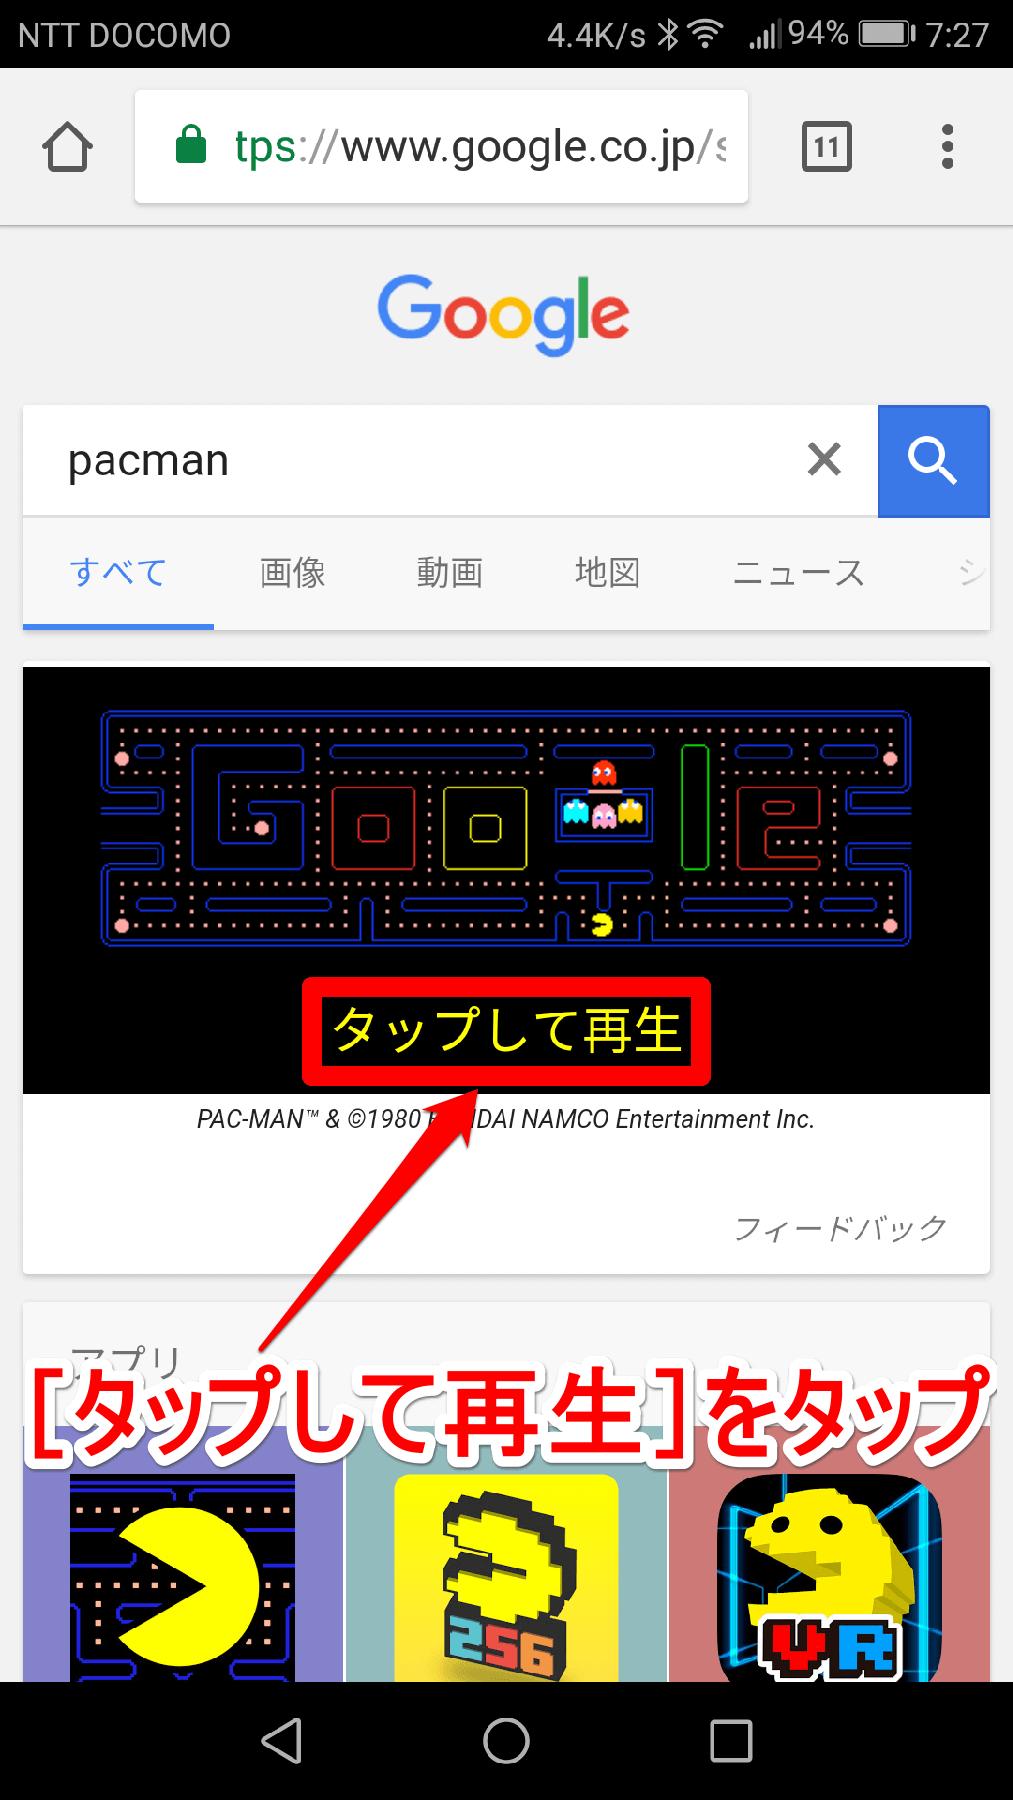 グーグルの「pacman」の検索結果画面